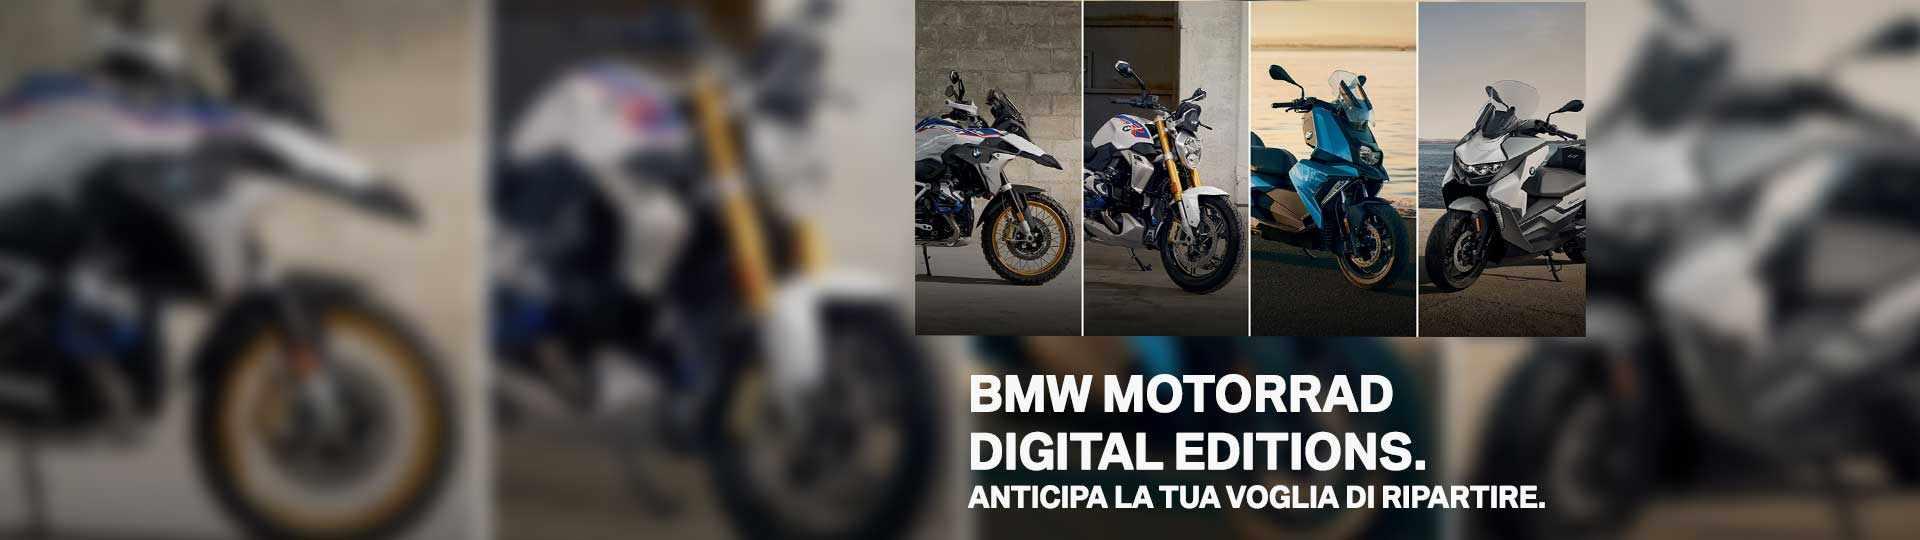 header_bmw_motorrad_digital_edition.jpg